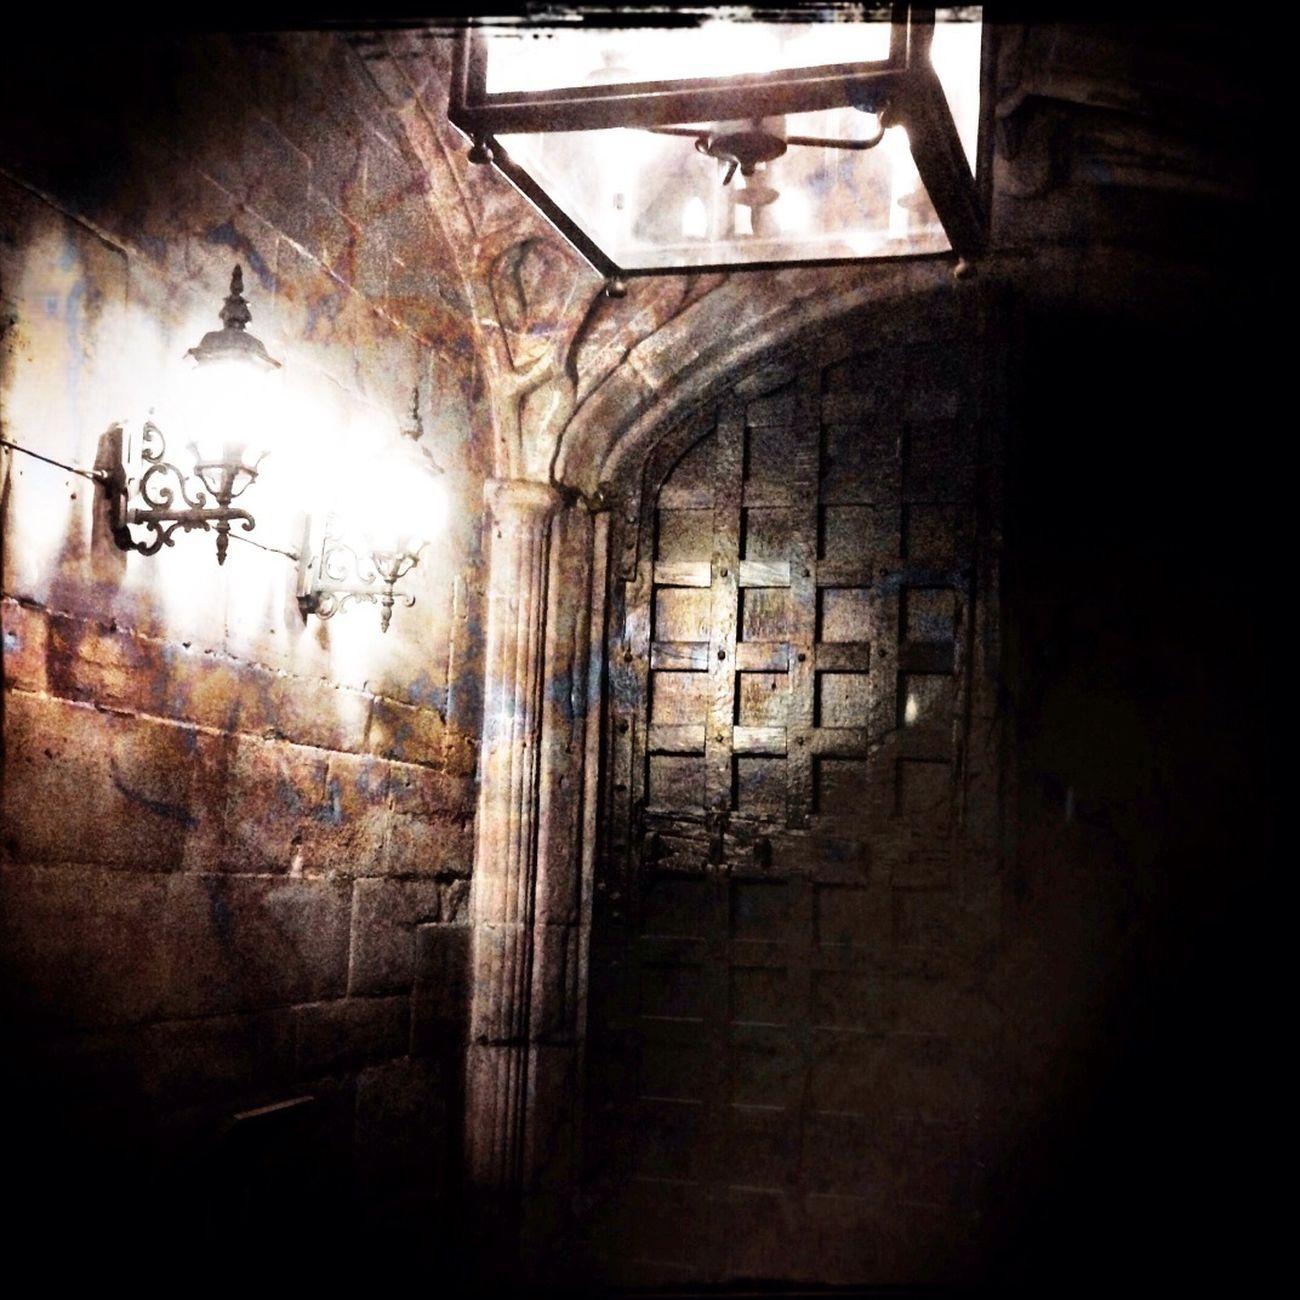 Doorway Lights